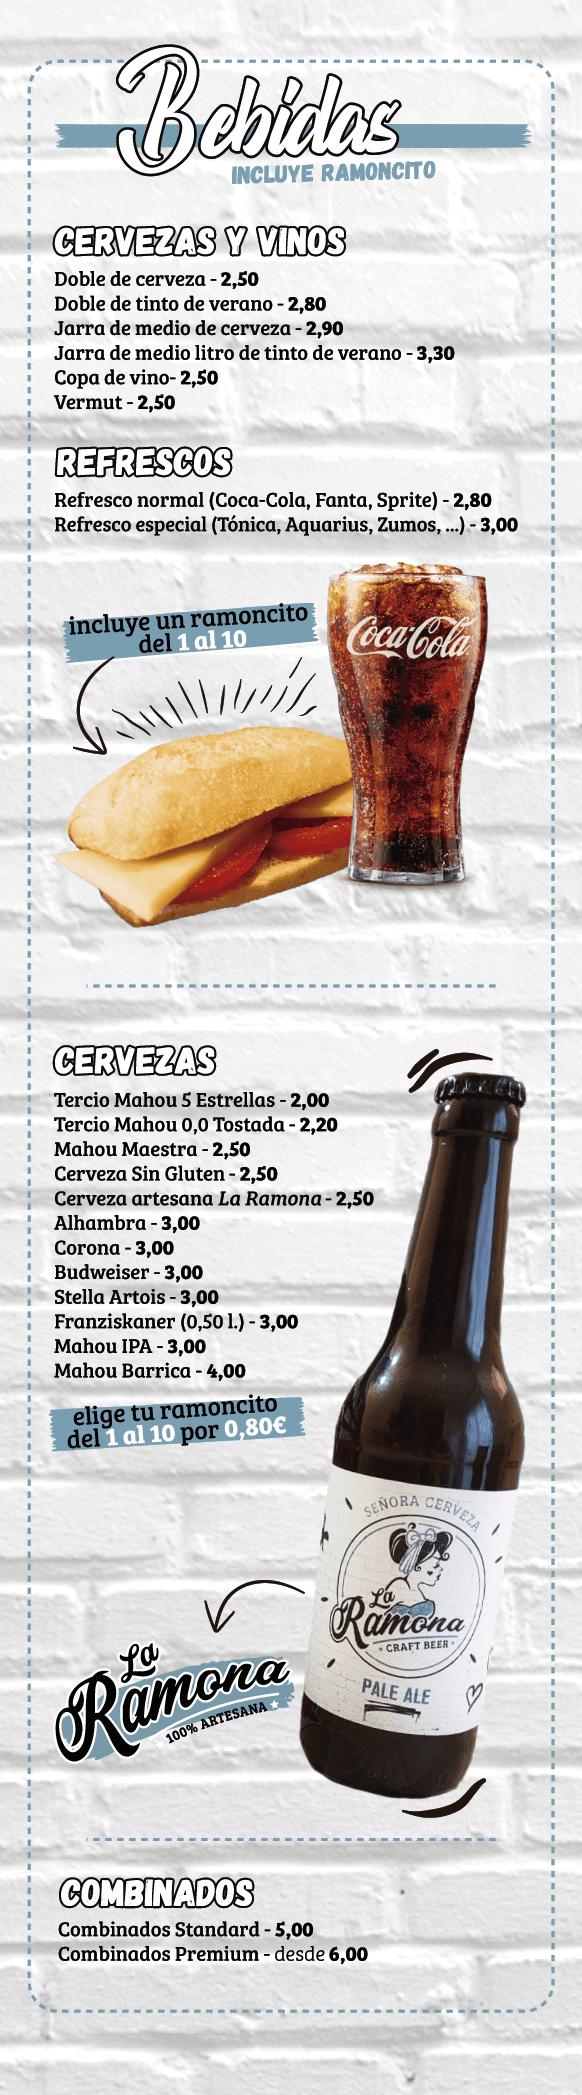 Carta La Ramona Refresco y Cerveza